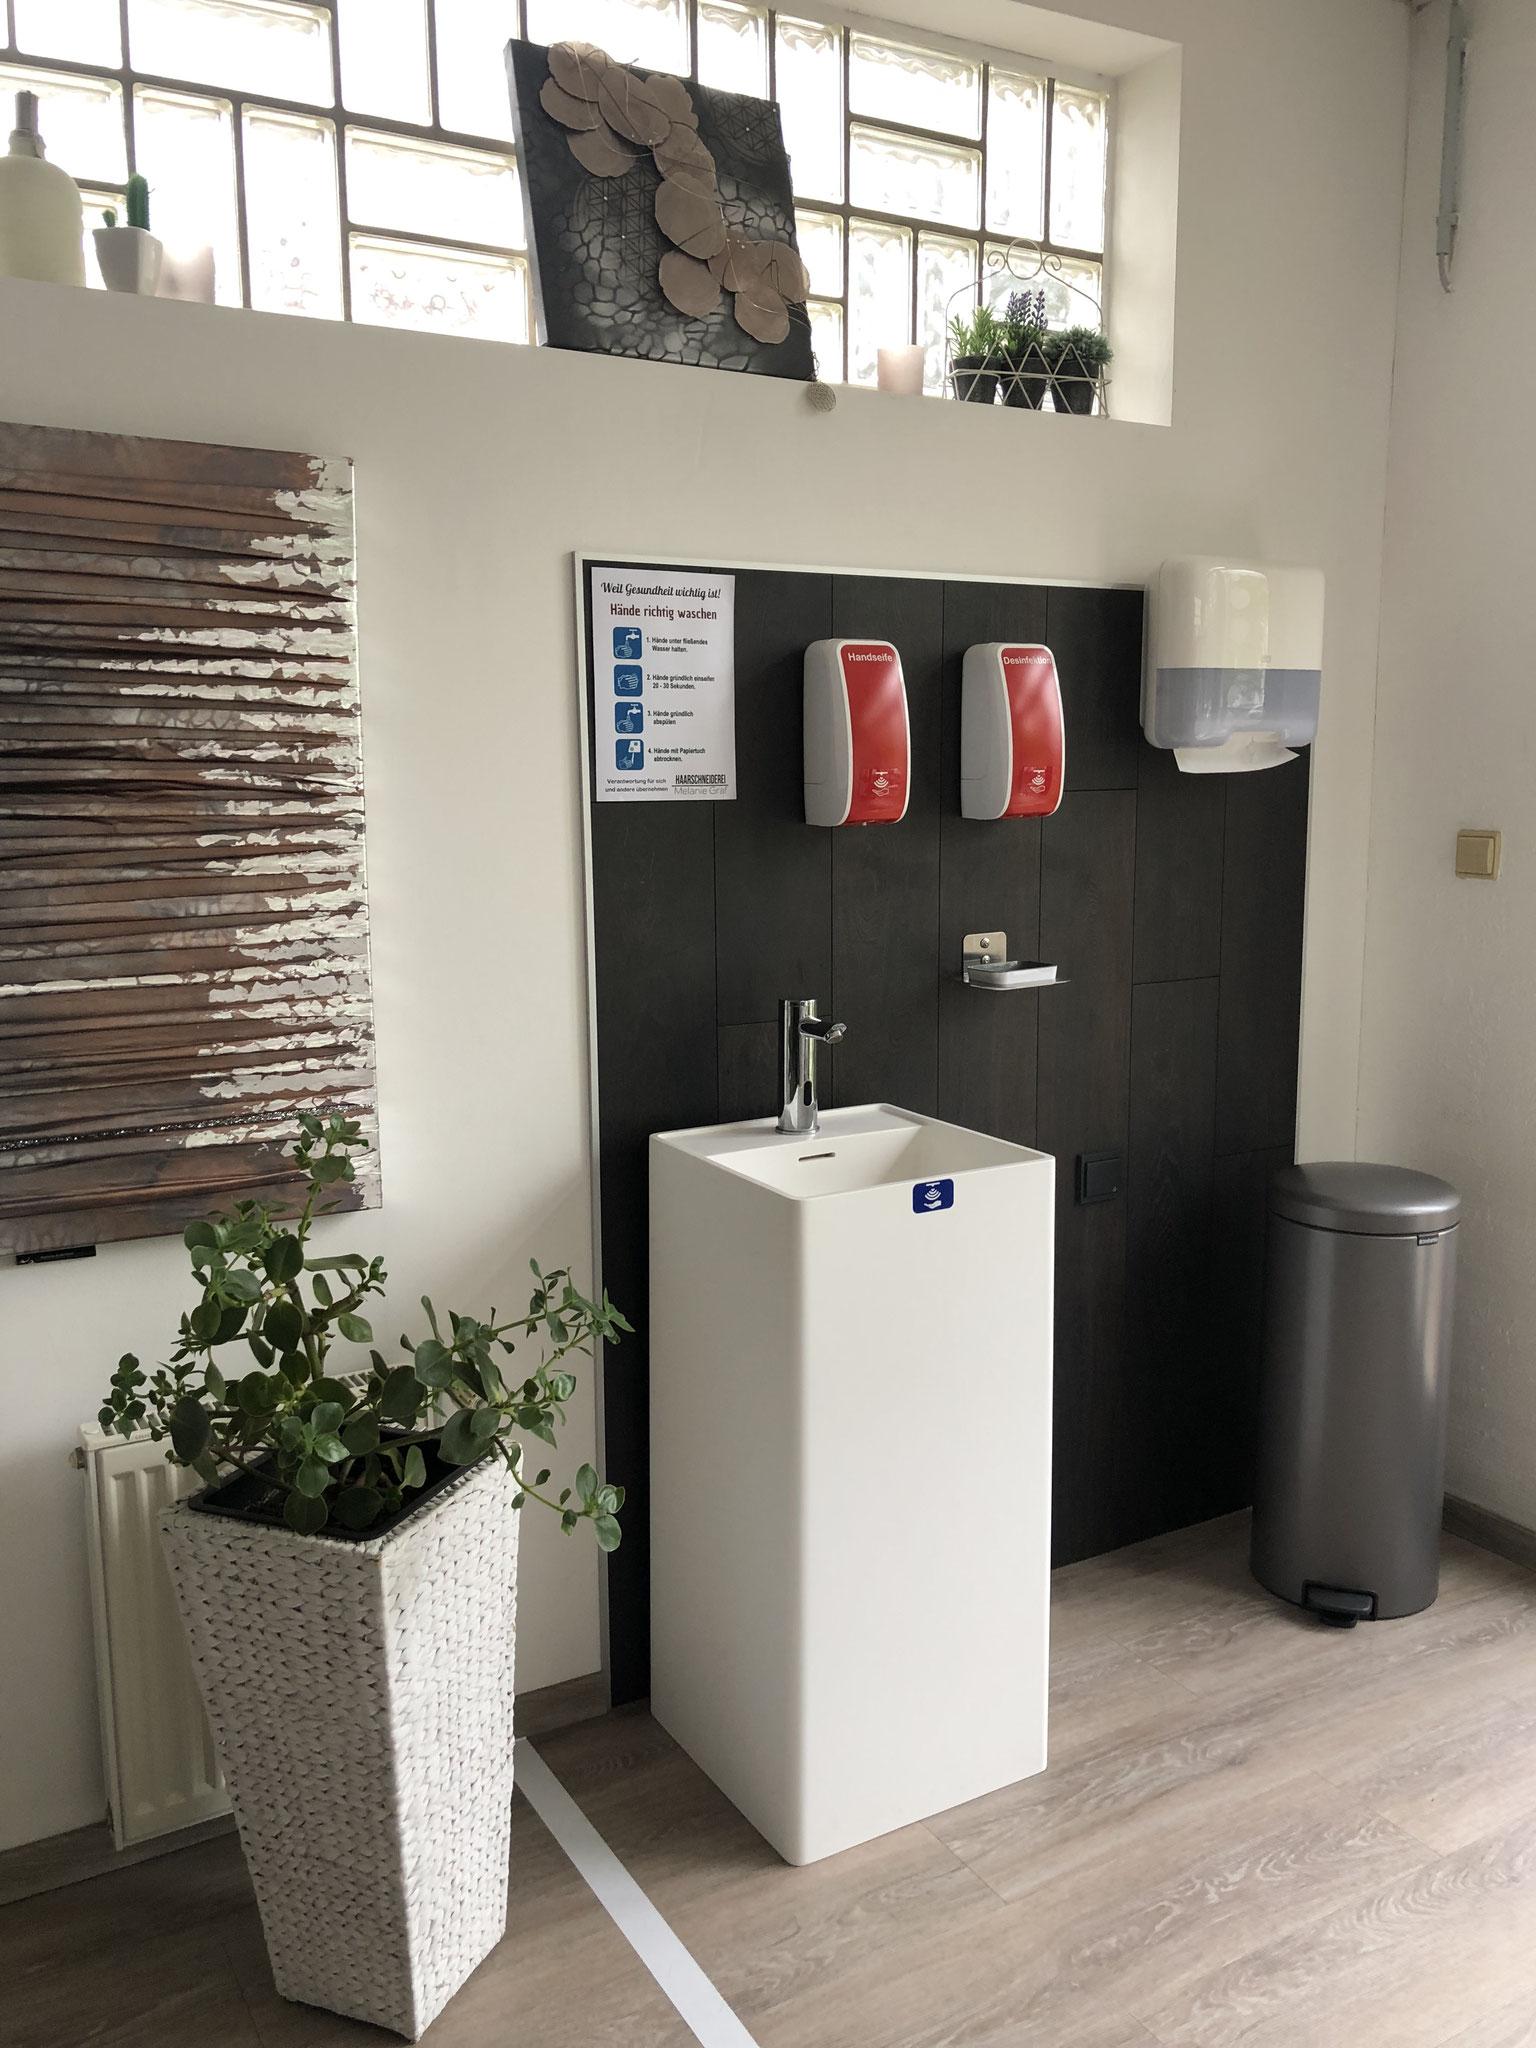 HygieneBereich - komplett kontaktlos zu bedienen - dauerhaft installiert